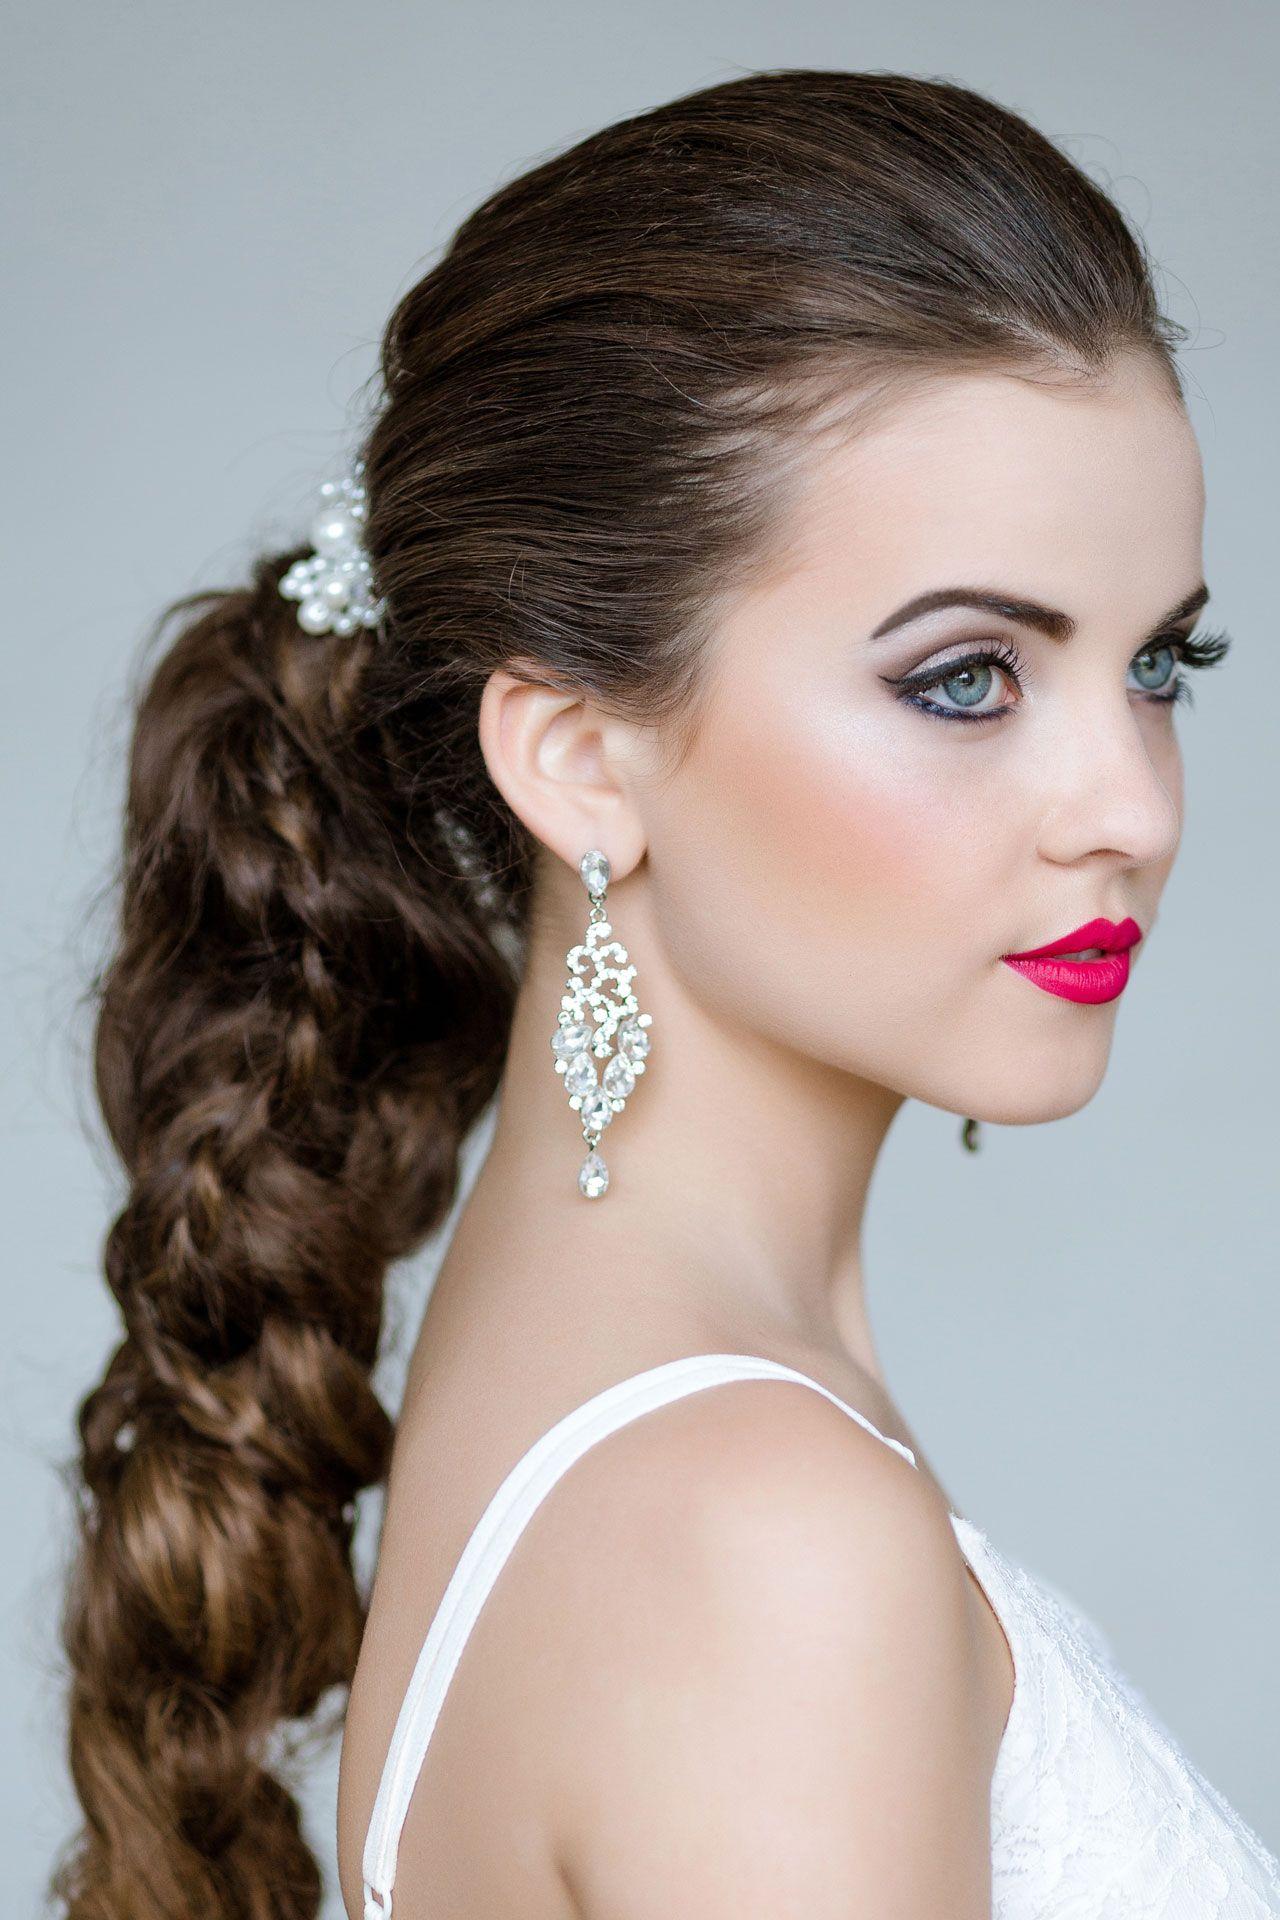 Как сделать прическу: варианты для торчащих ушей - Woman s Day